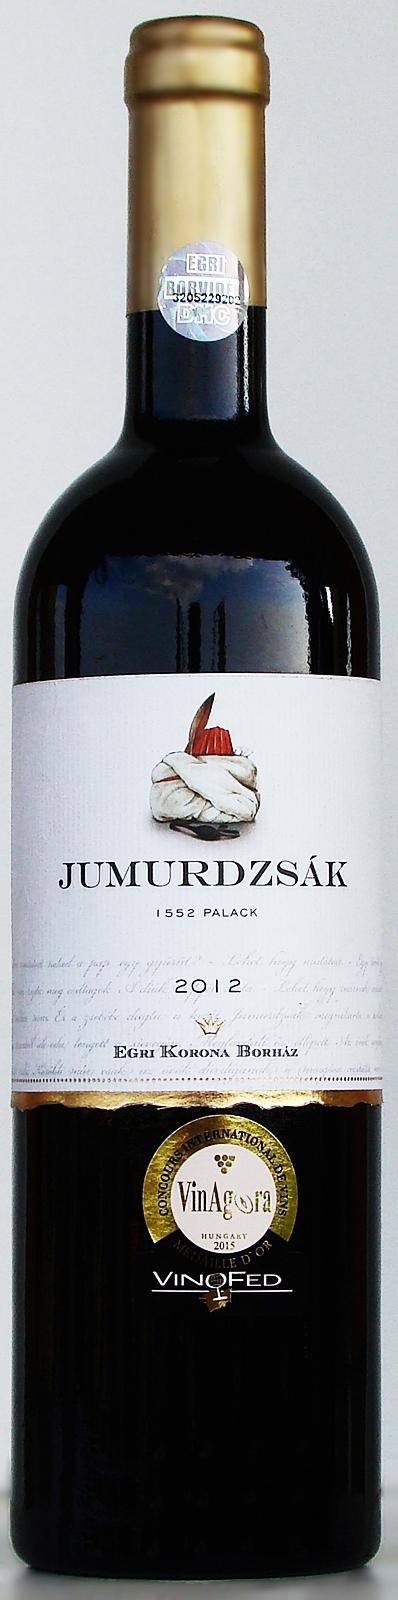 Syrah Jumurdzsak